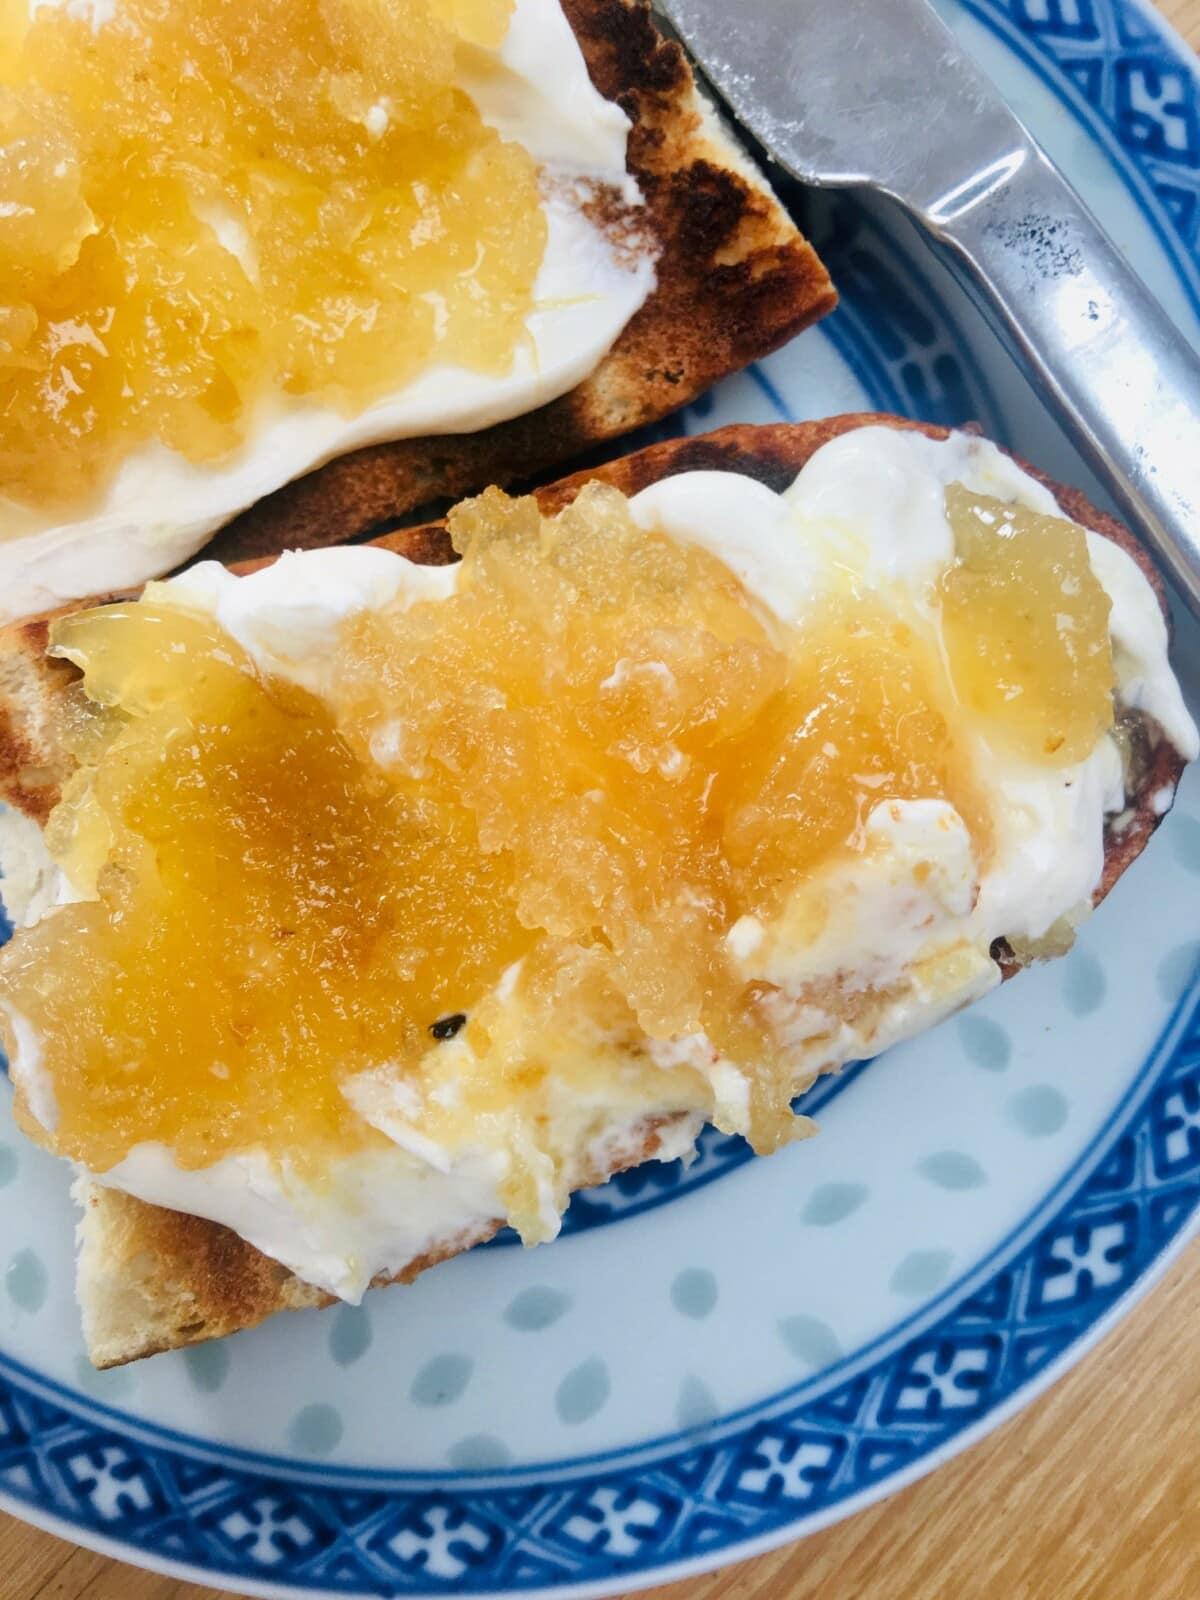 Lemon Peel Jam on toast - close up